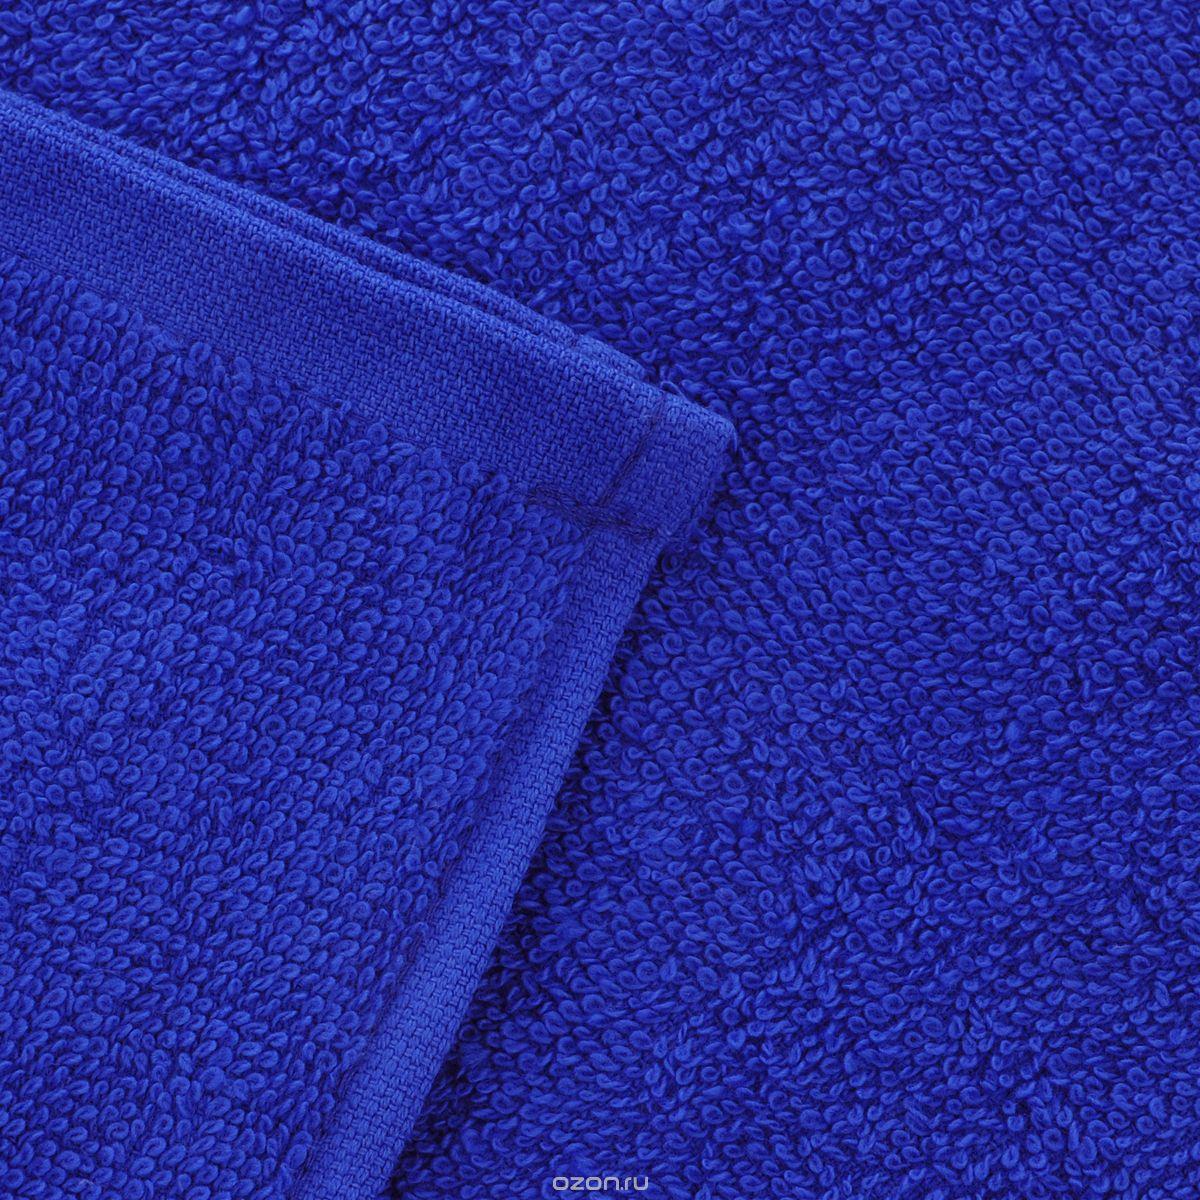 Полотенце Aisha Home Textile, цвет: синий, 70 х 140 см. УзТ-ПМ-114-08-19кУзТ-ПМ-114-08-19кМахровые полотенца AISHA Home Textile идеальное сочетание цены и качества. Полотенца упакованы в стильную подарочную коробку. В состав входит только натуральное волокно - хлопок. Лаконичные бордюры подойдут для любого интерьера ванной комнаты. Полотенца прекрасно впитывает влагу и быстро сохнут. При соблюдении рекомендаций по уходу не линяют и не теряют форму даже после многократных стирок. Плотность: 420 г/м2.